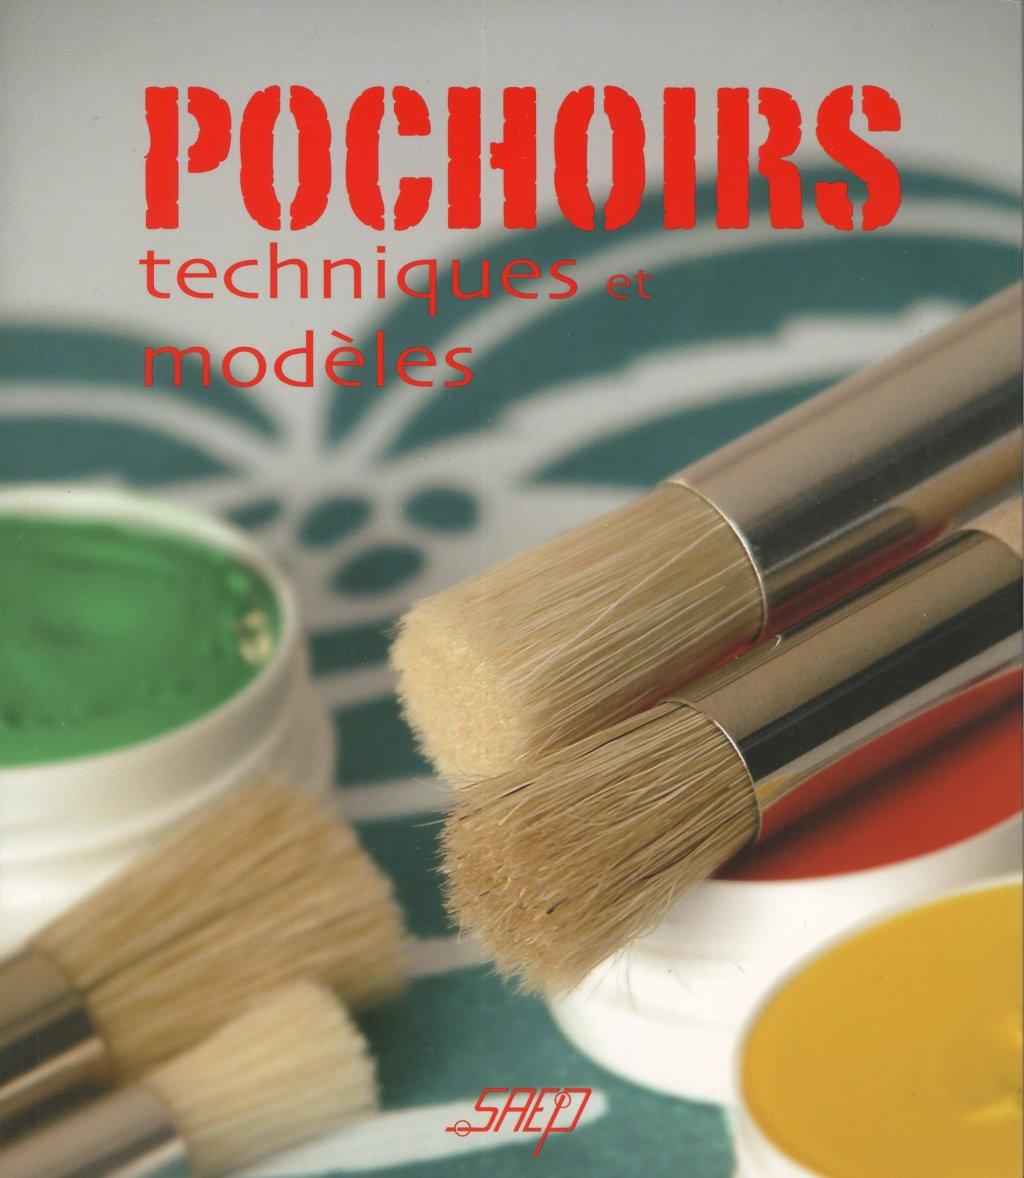 POCHOIRS-SAEP